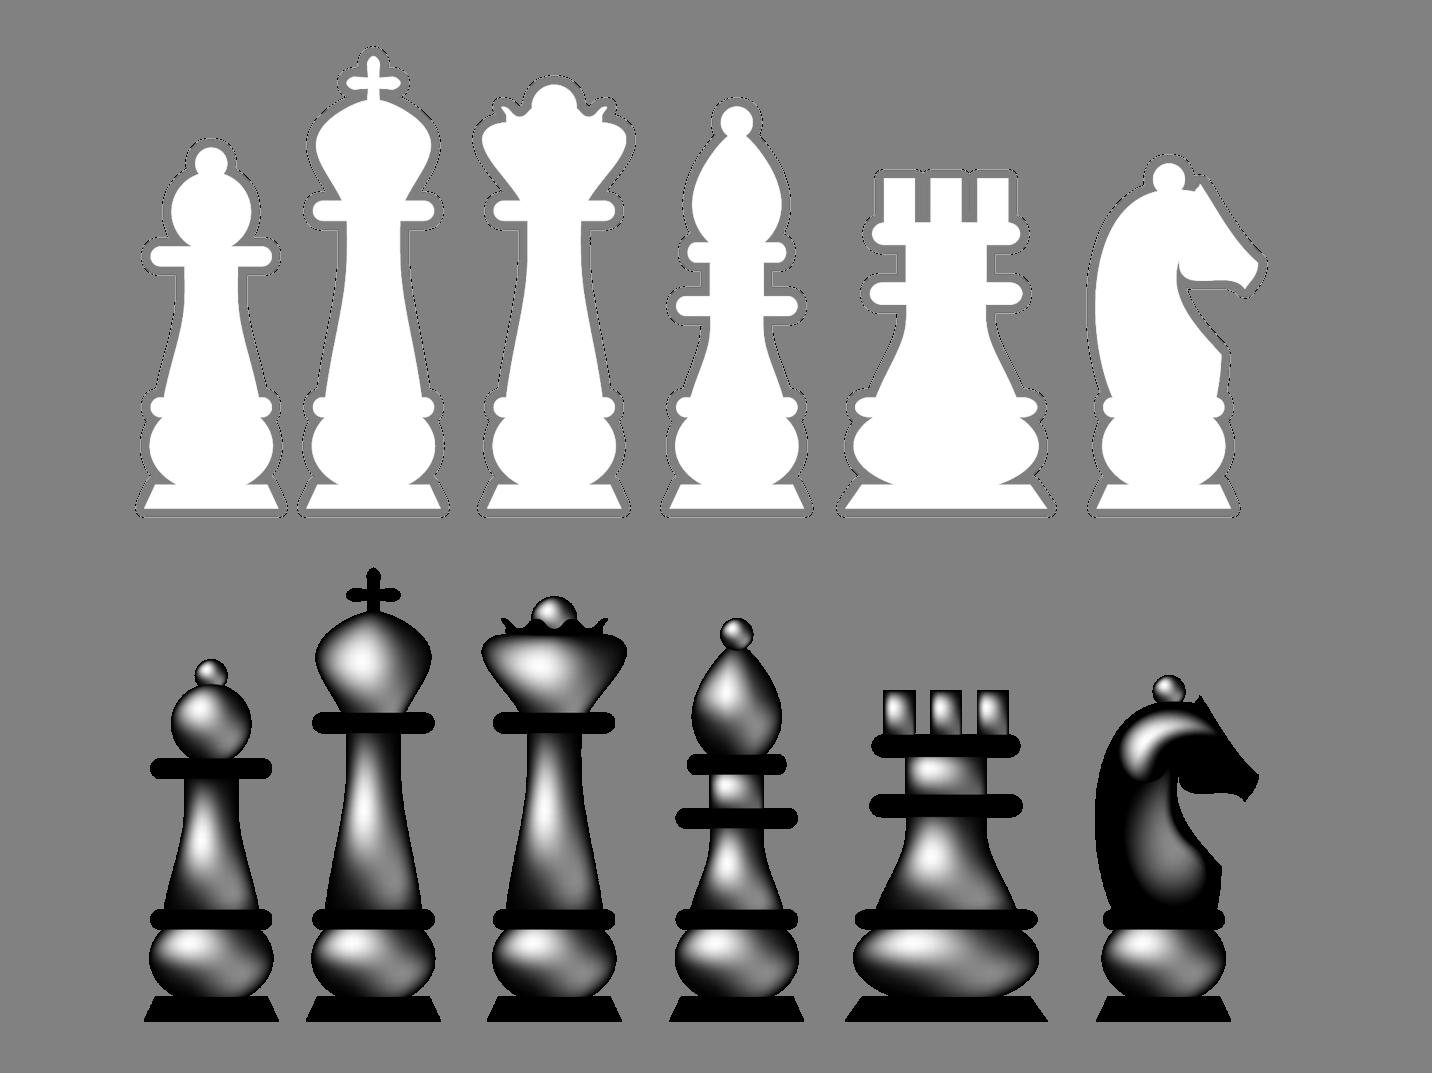 шахматные фигуры превью